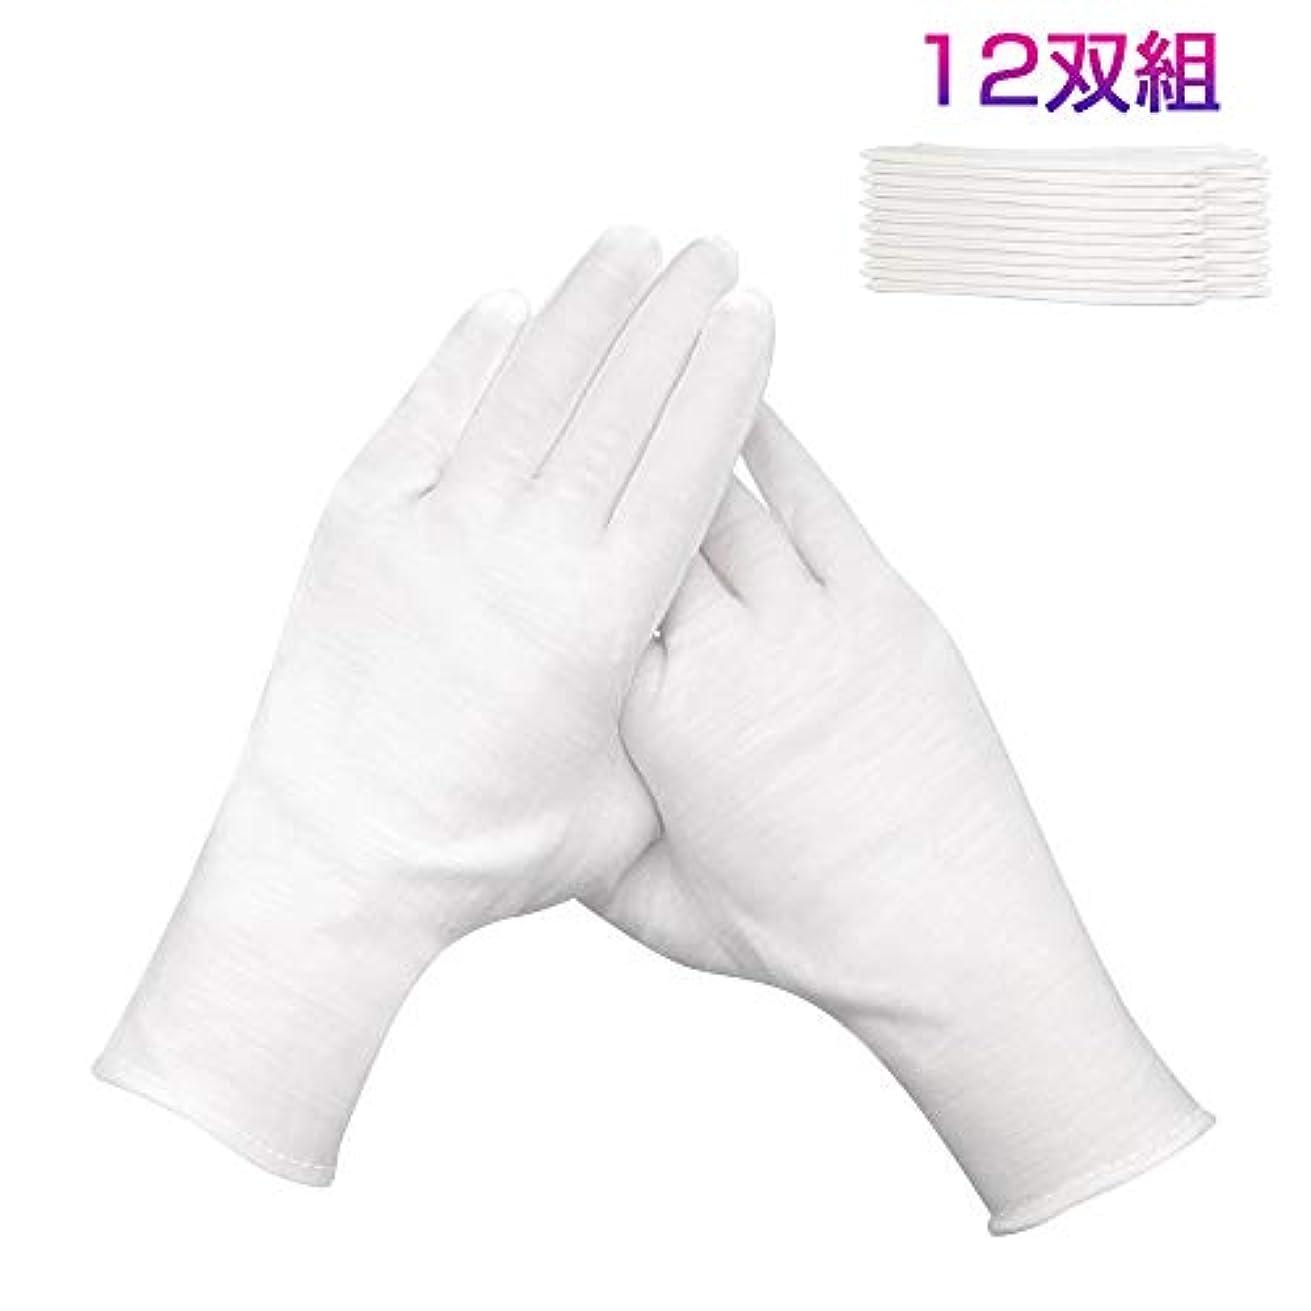 シャワー休日指定するHUYOU コットン手袋 綿手袋 インナーコットン 綿コットン 使い捨て 白手荒れ予防 100%純綿 手袋 柔軟性良い 作業/湿疹/乾燥肌/保湿/家事/礼装用 男女兼用 白手袋12双組 左右兼用タイプ (L)